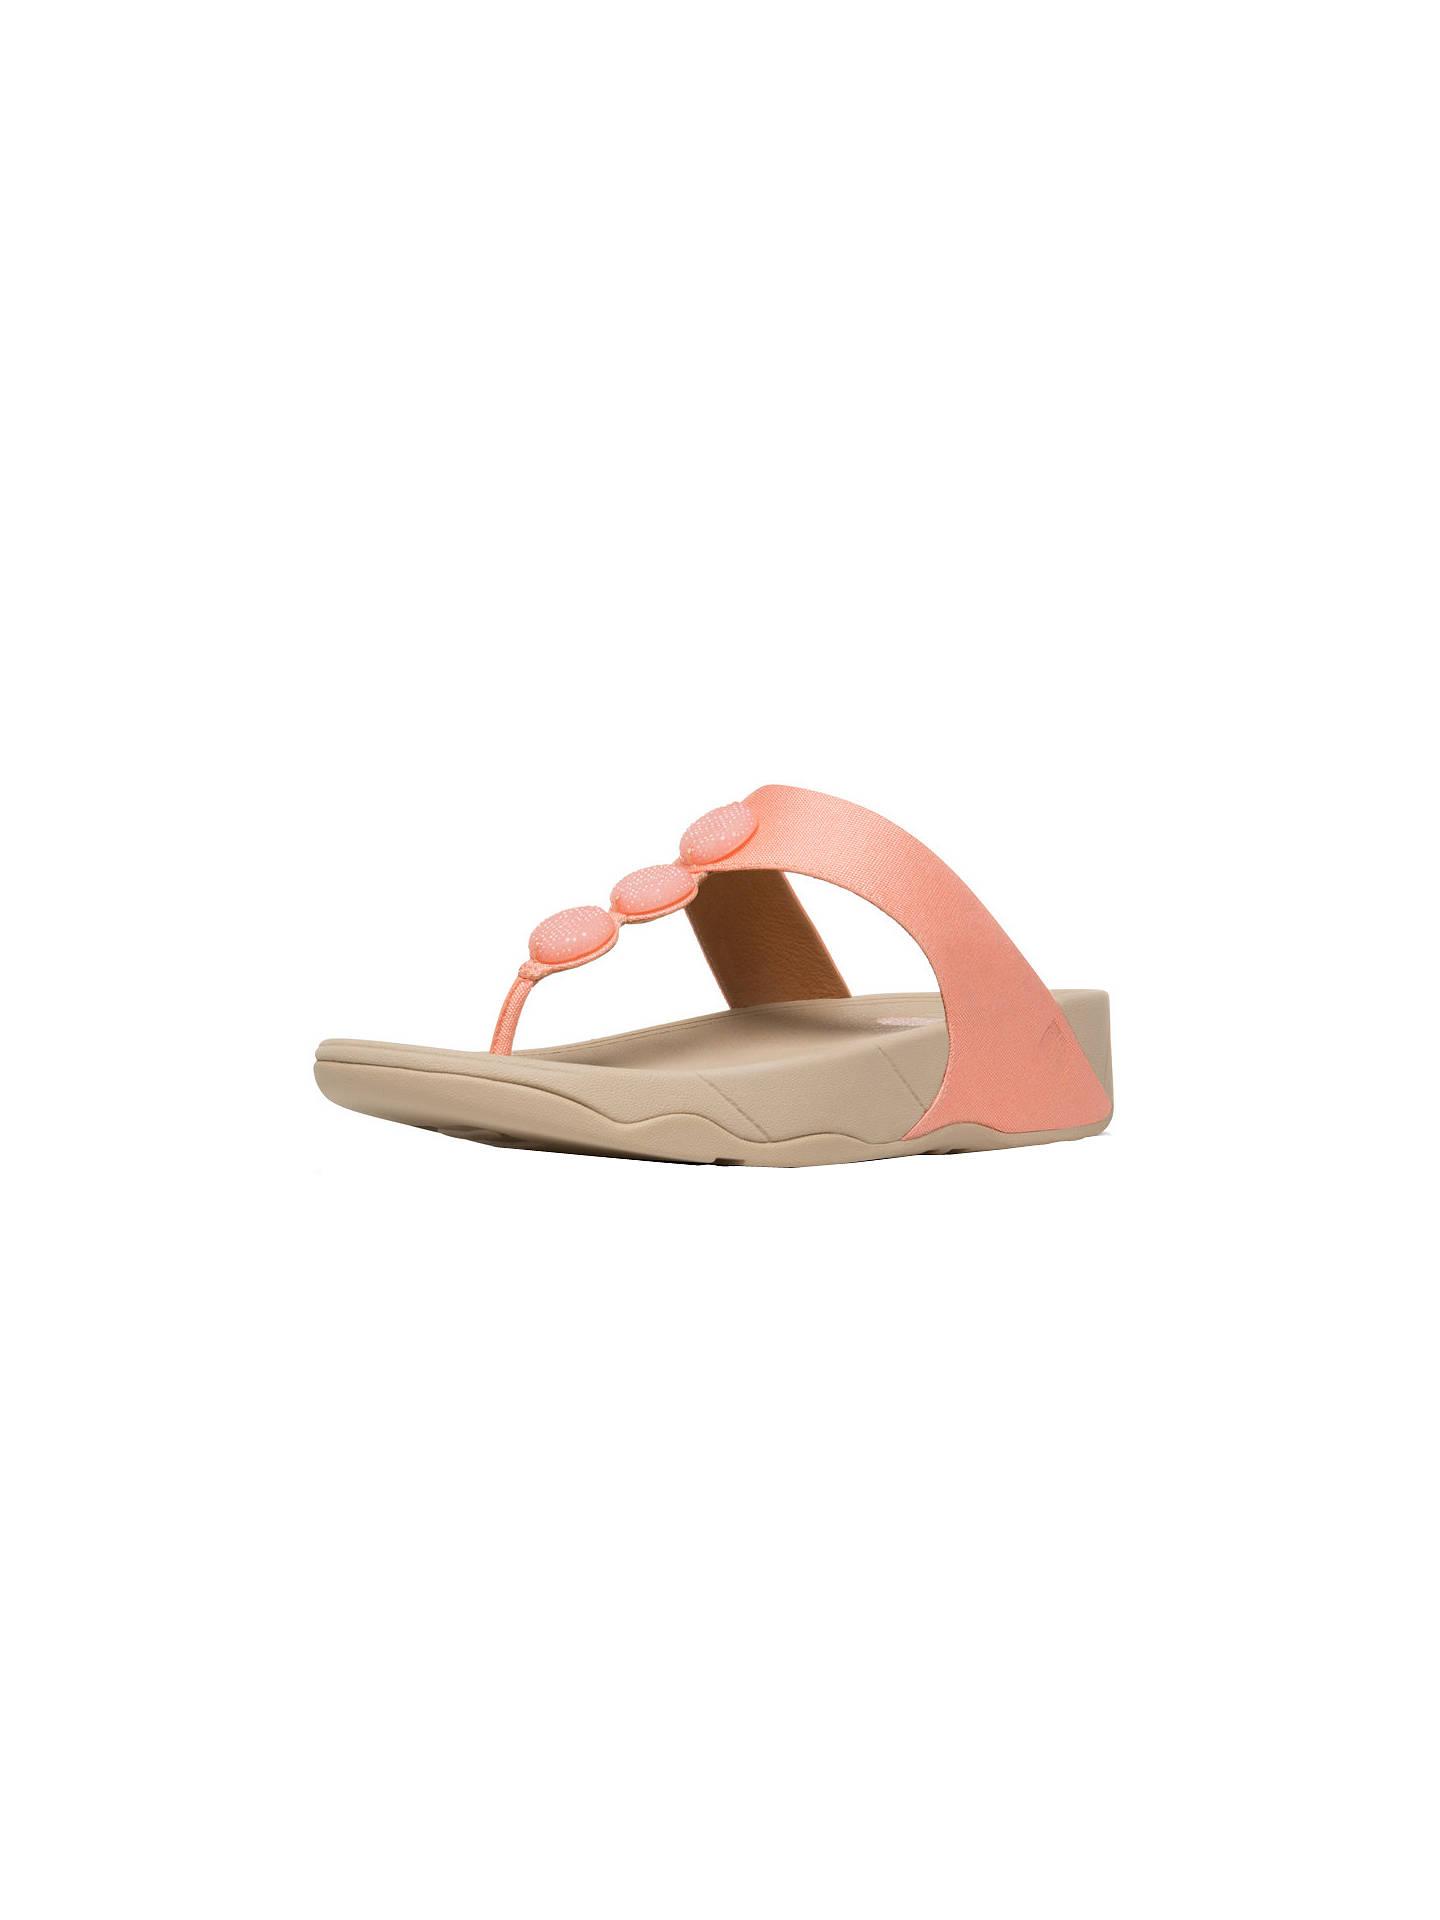 56558fdb0f7d4d FitFlop Petra Platform Sandals at John Lewis   Partners